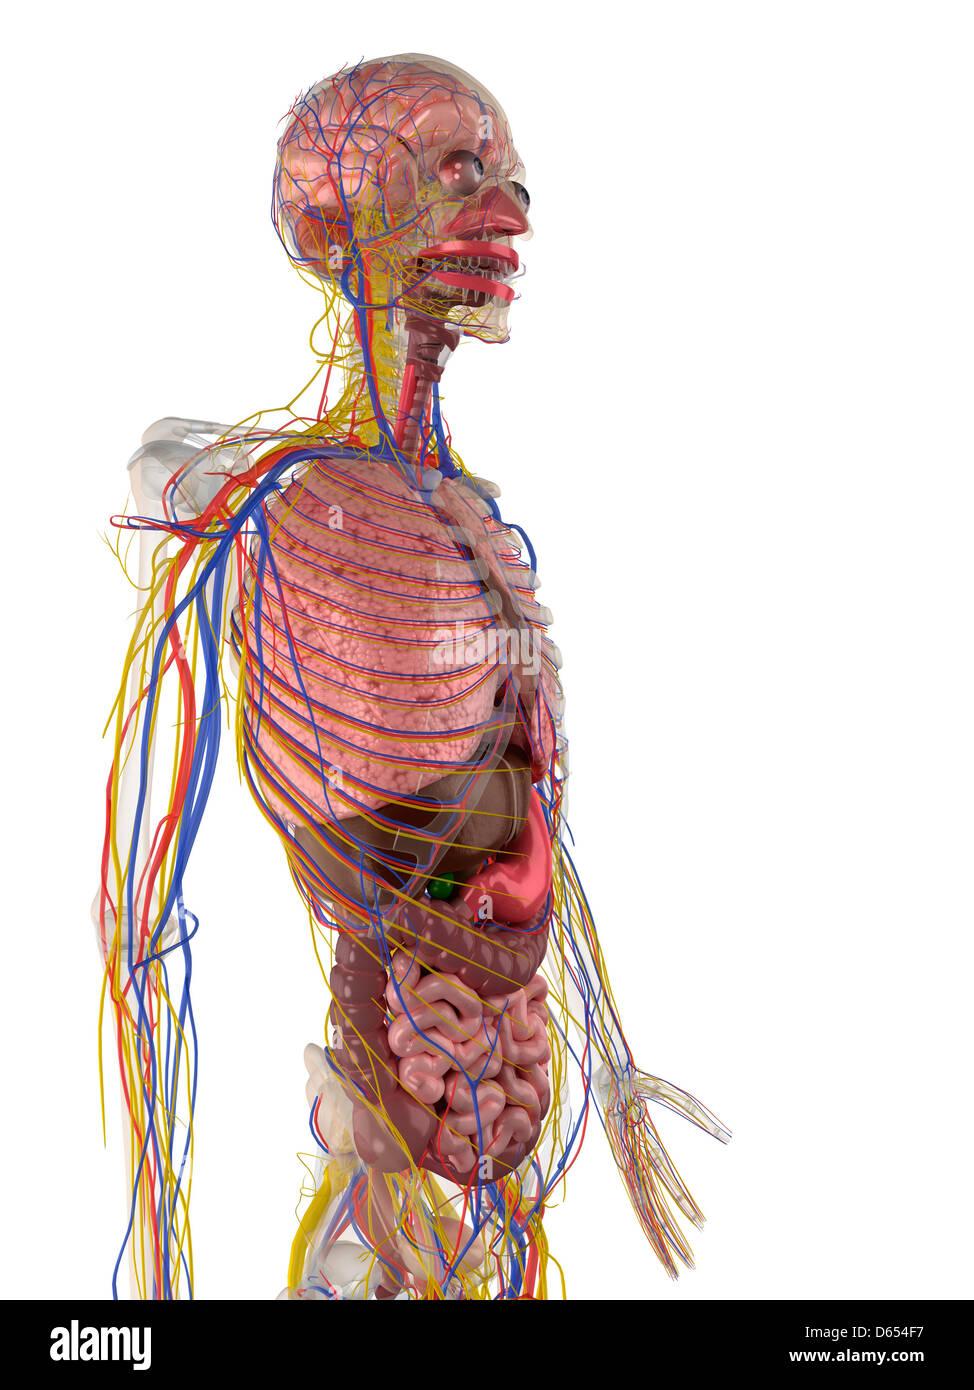 Großartig Anatomie Lernmittel Fotos - Menschliche Anatomie Bilder ...